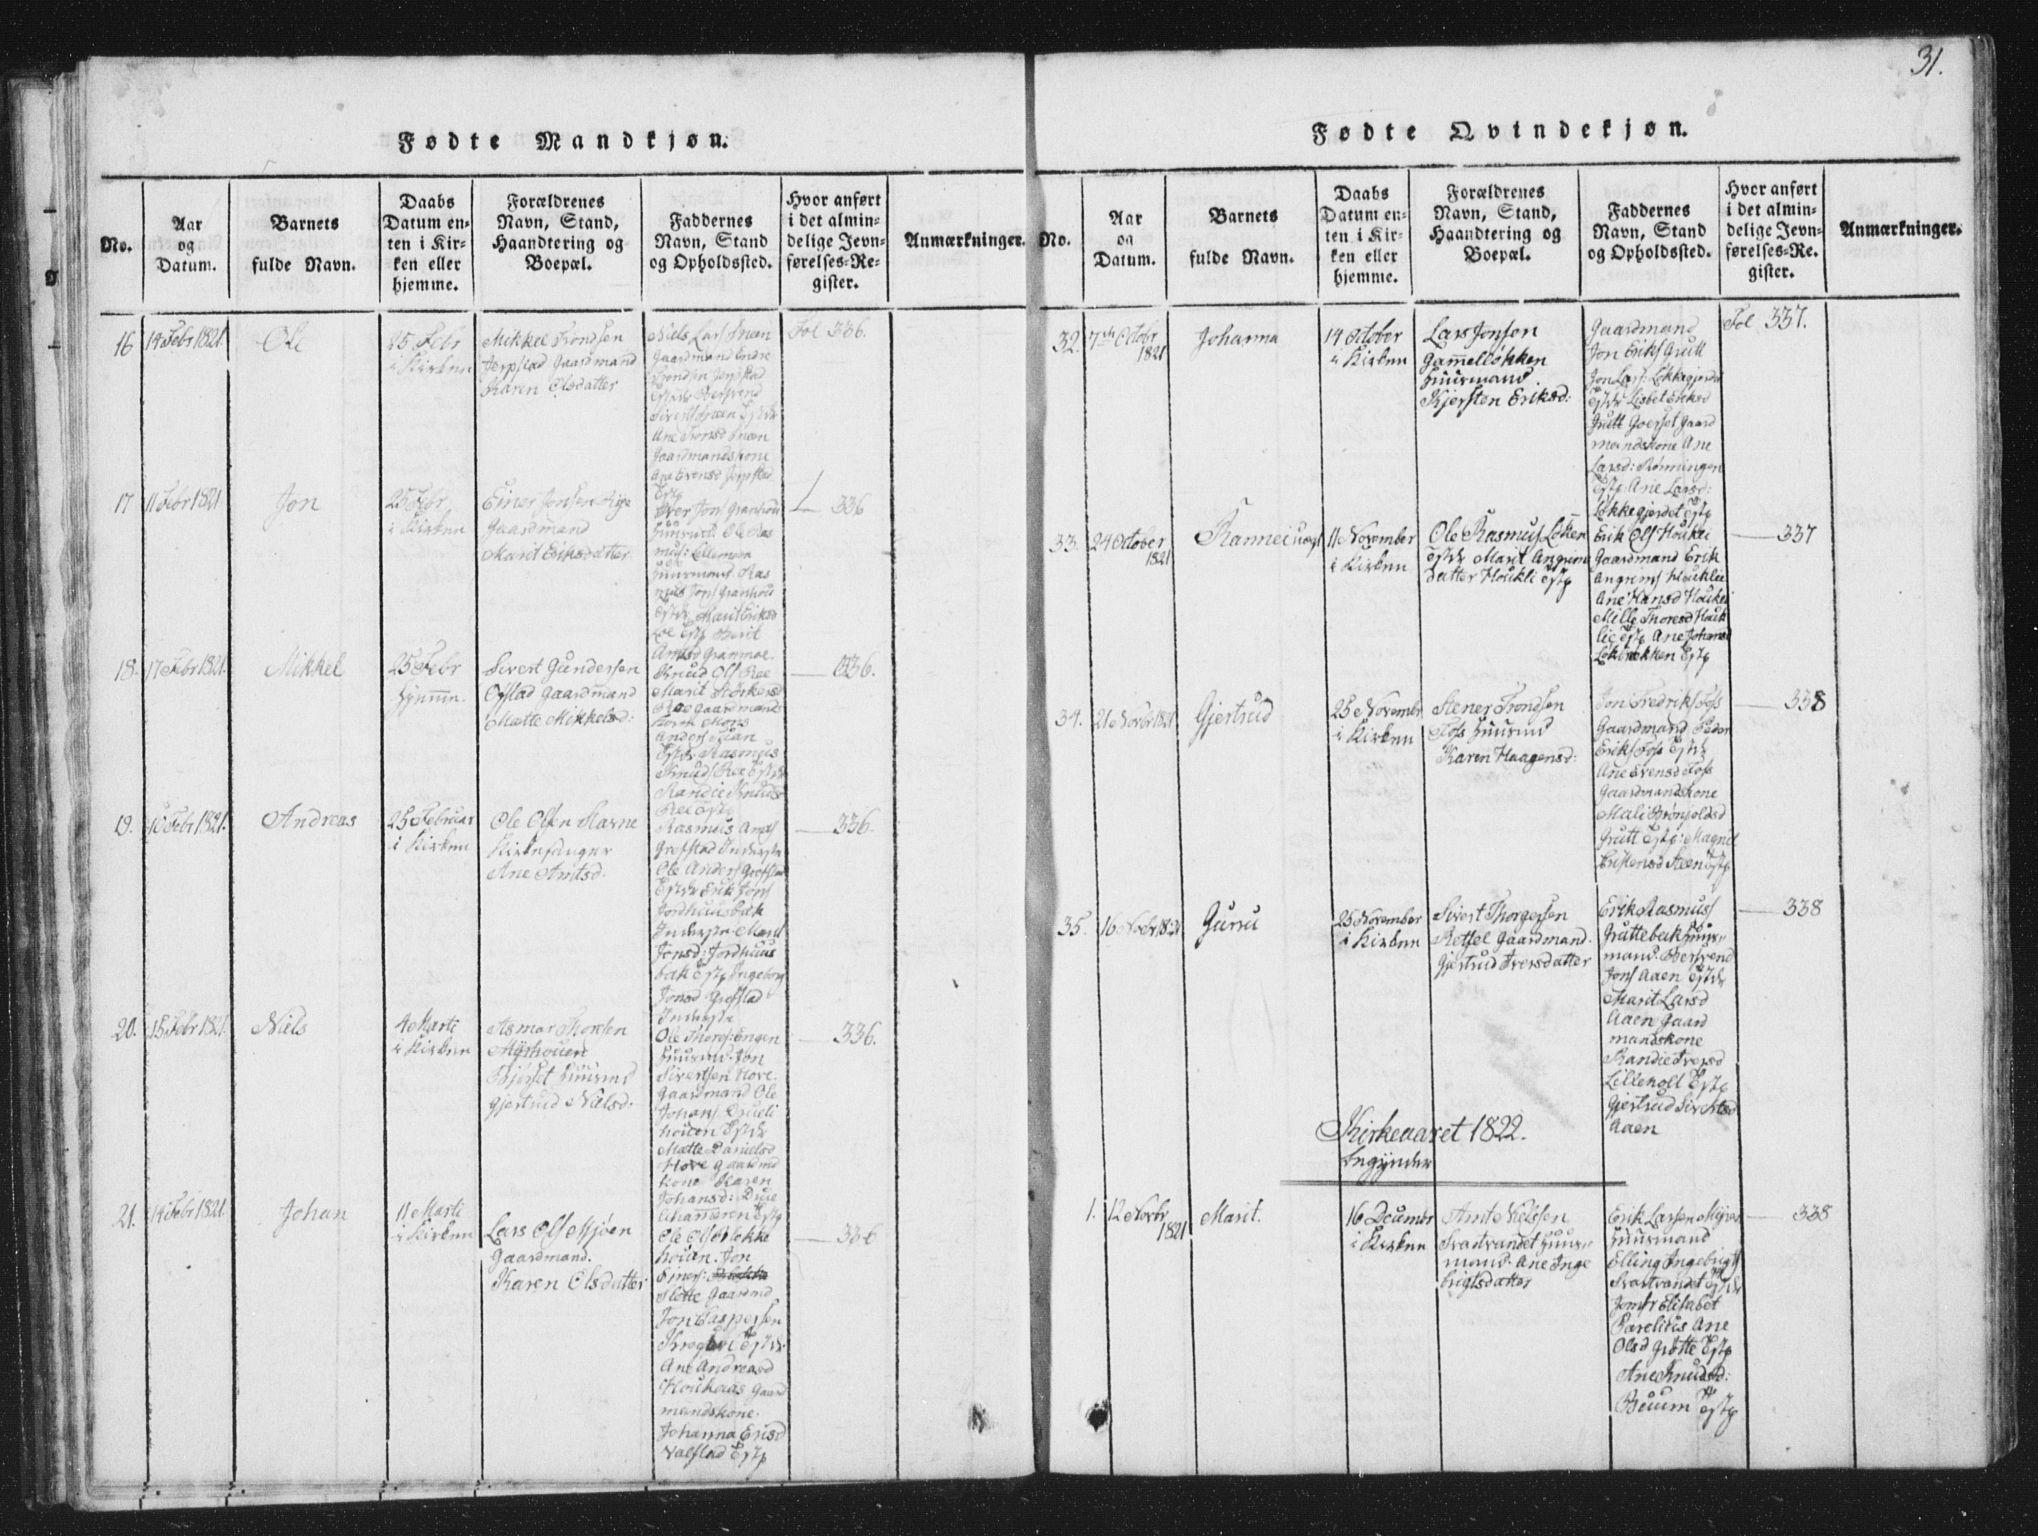 SAT, Ministerialprotokoller, klokkerbøker og fødselsregistre - Sør-Trøndelag, 672/L0862: Klokkerbok nr. 672C01, 1816-1831, s. 31